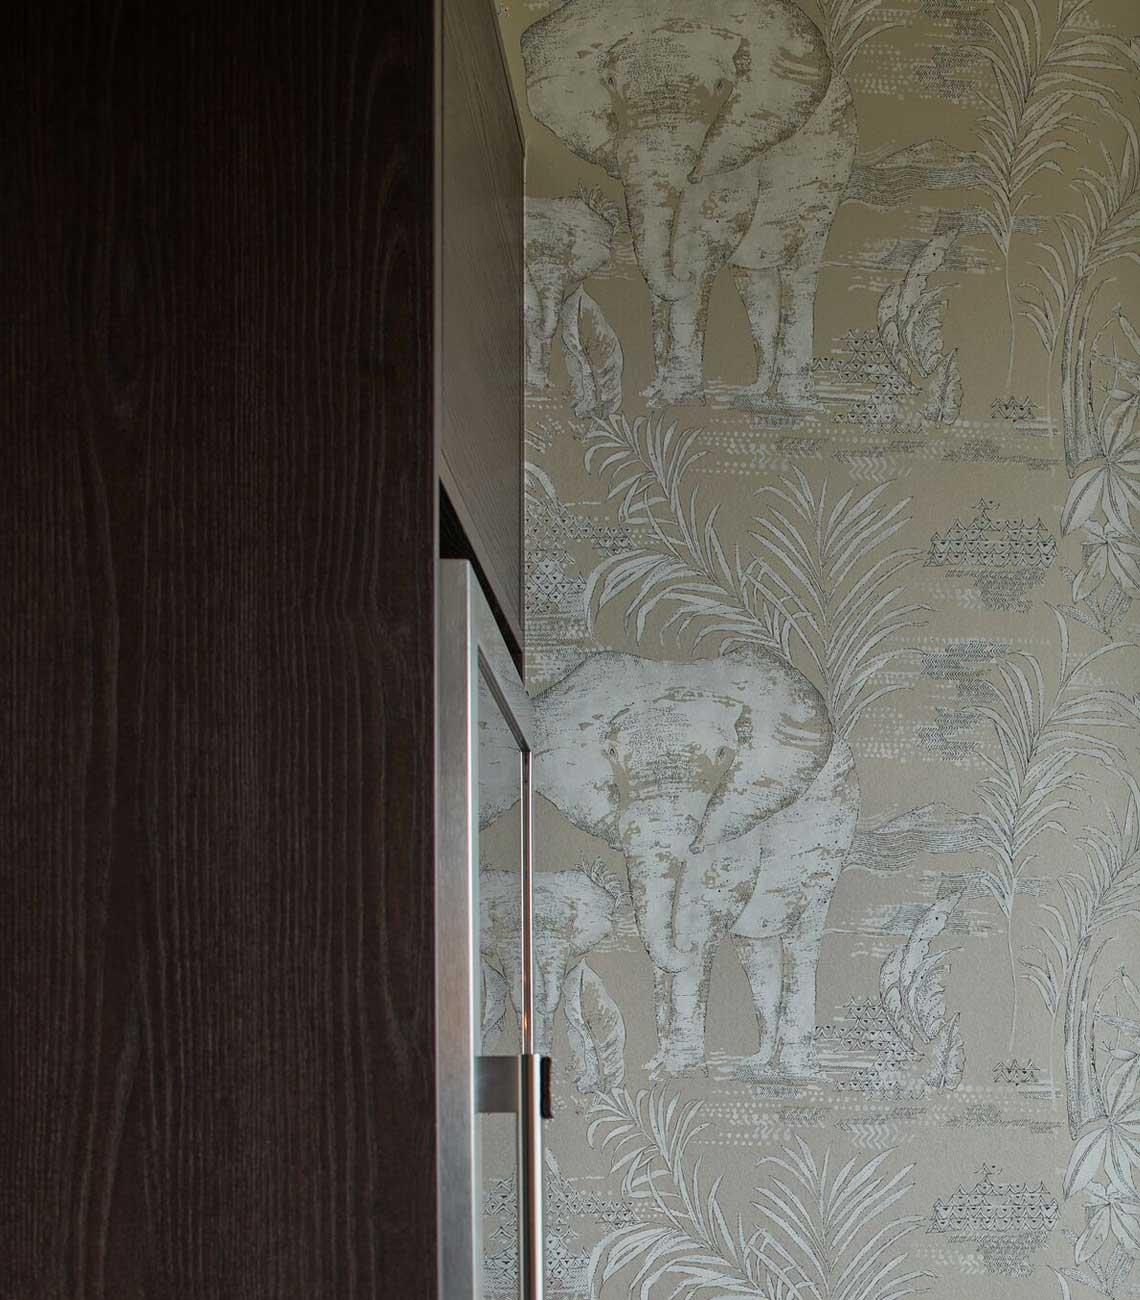 Interieurinrichting, behang & Raamdecoratie